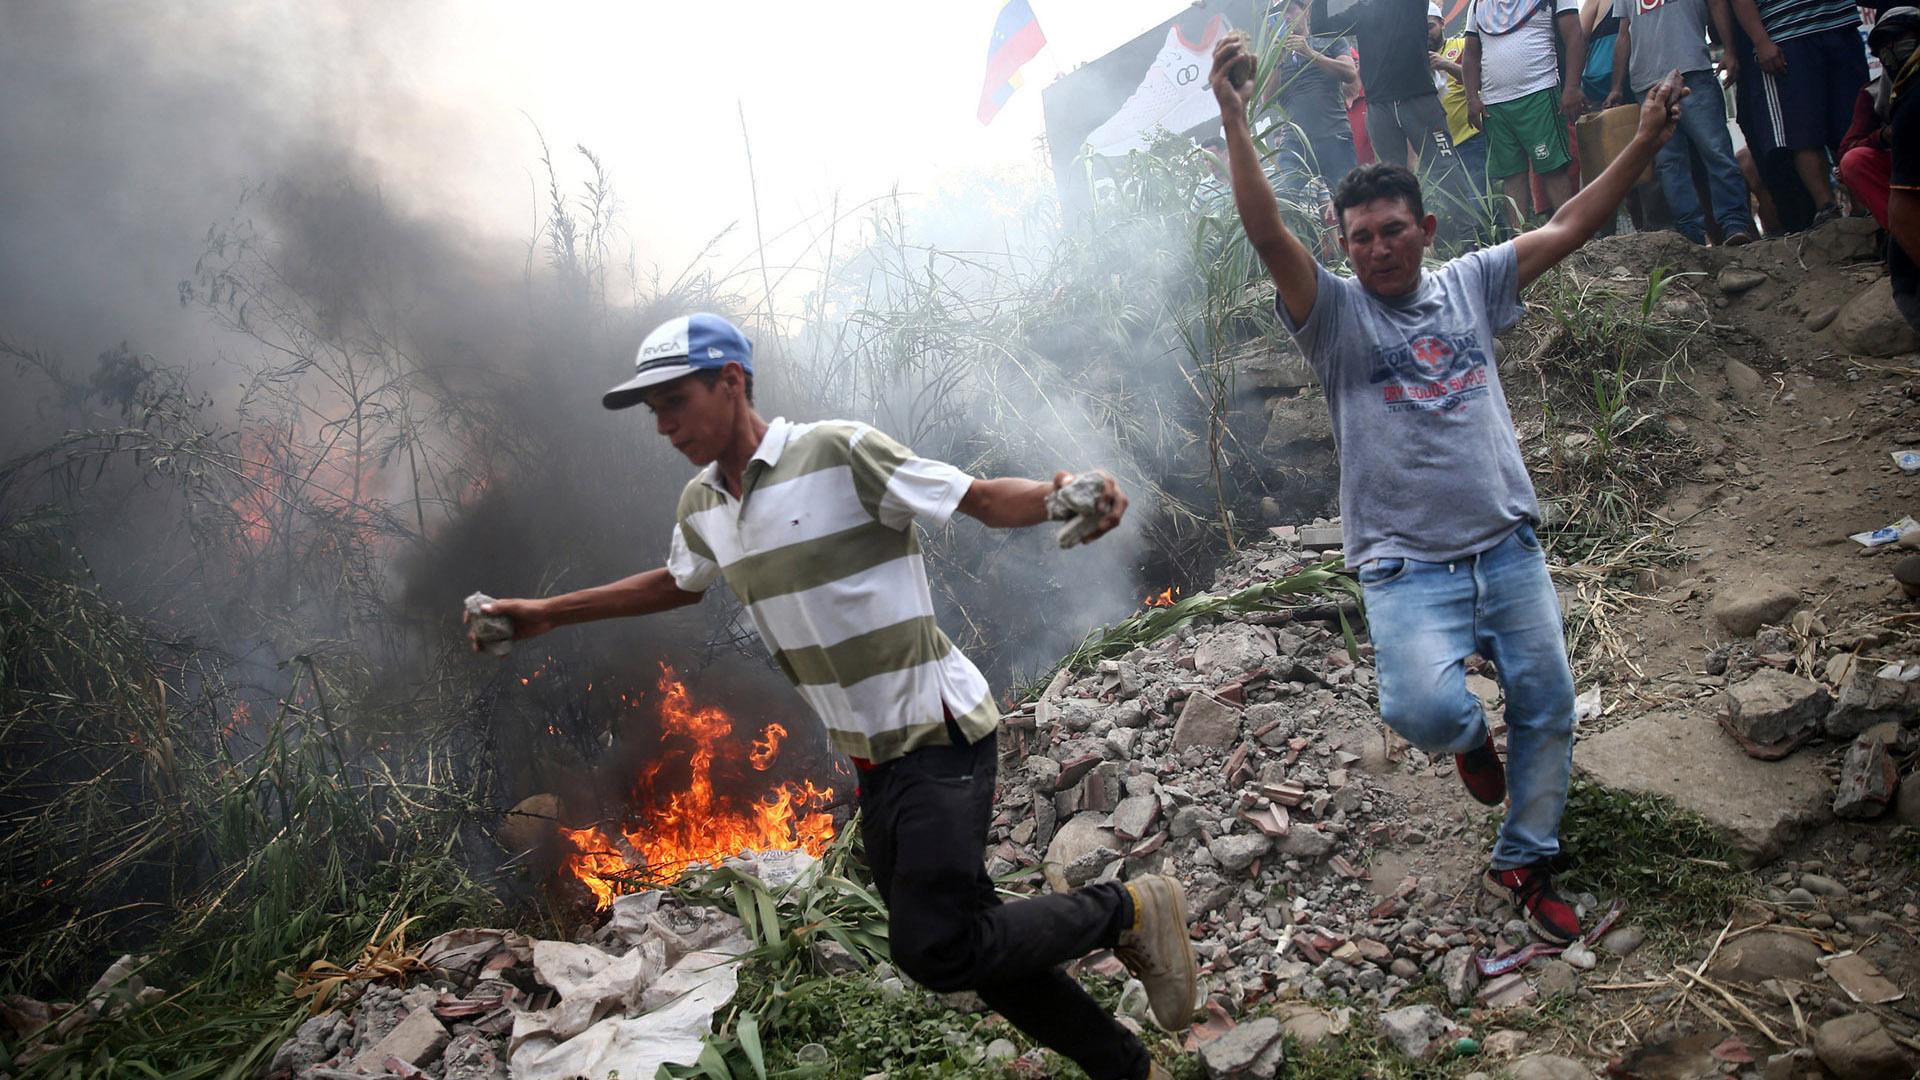 Al menos 5 personas murieron en la represión de Venezuela (REUTERS/Edgard Garrido)